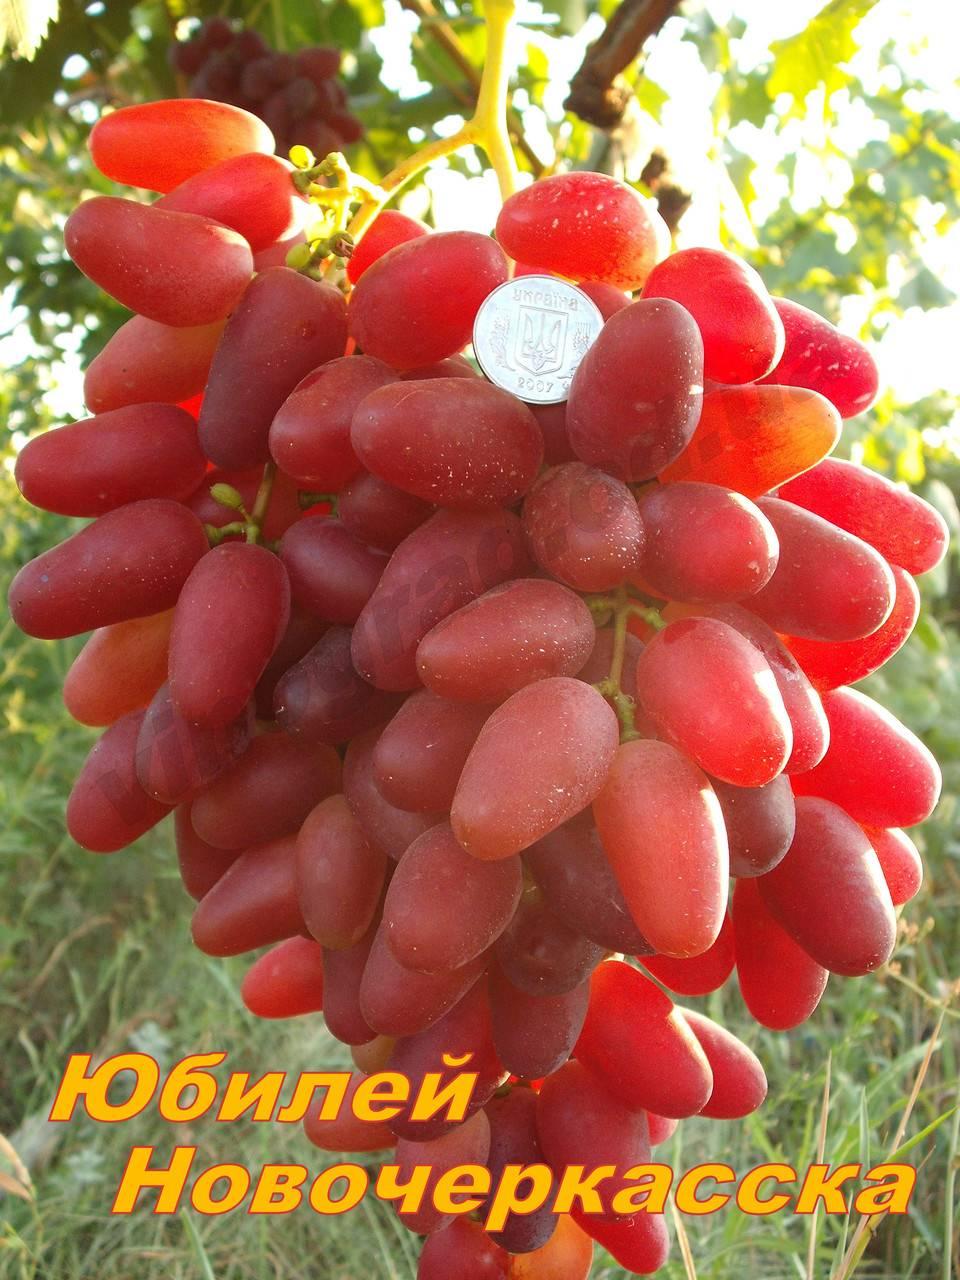 Сорт винограда «юбилей новочеркасска»